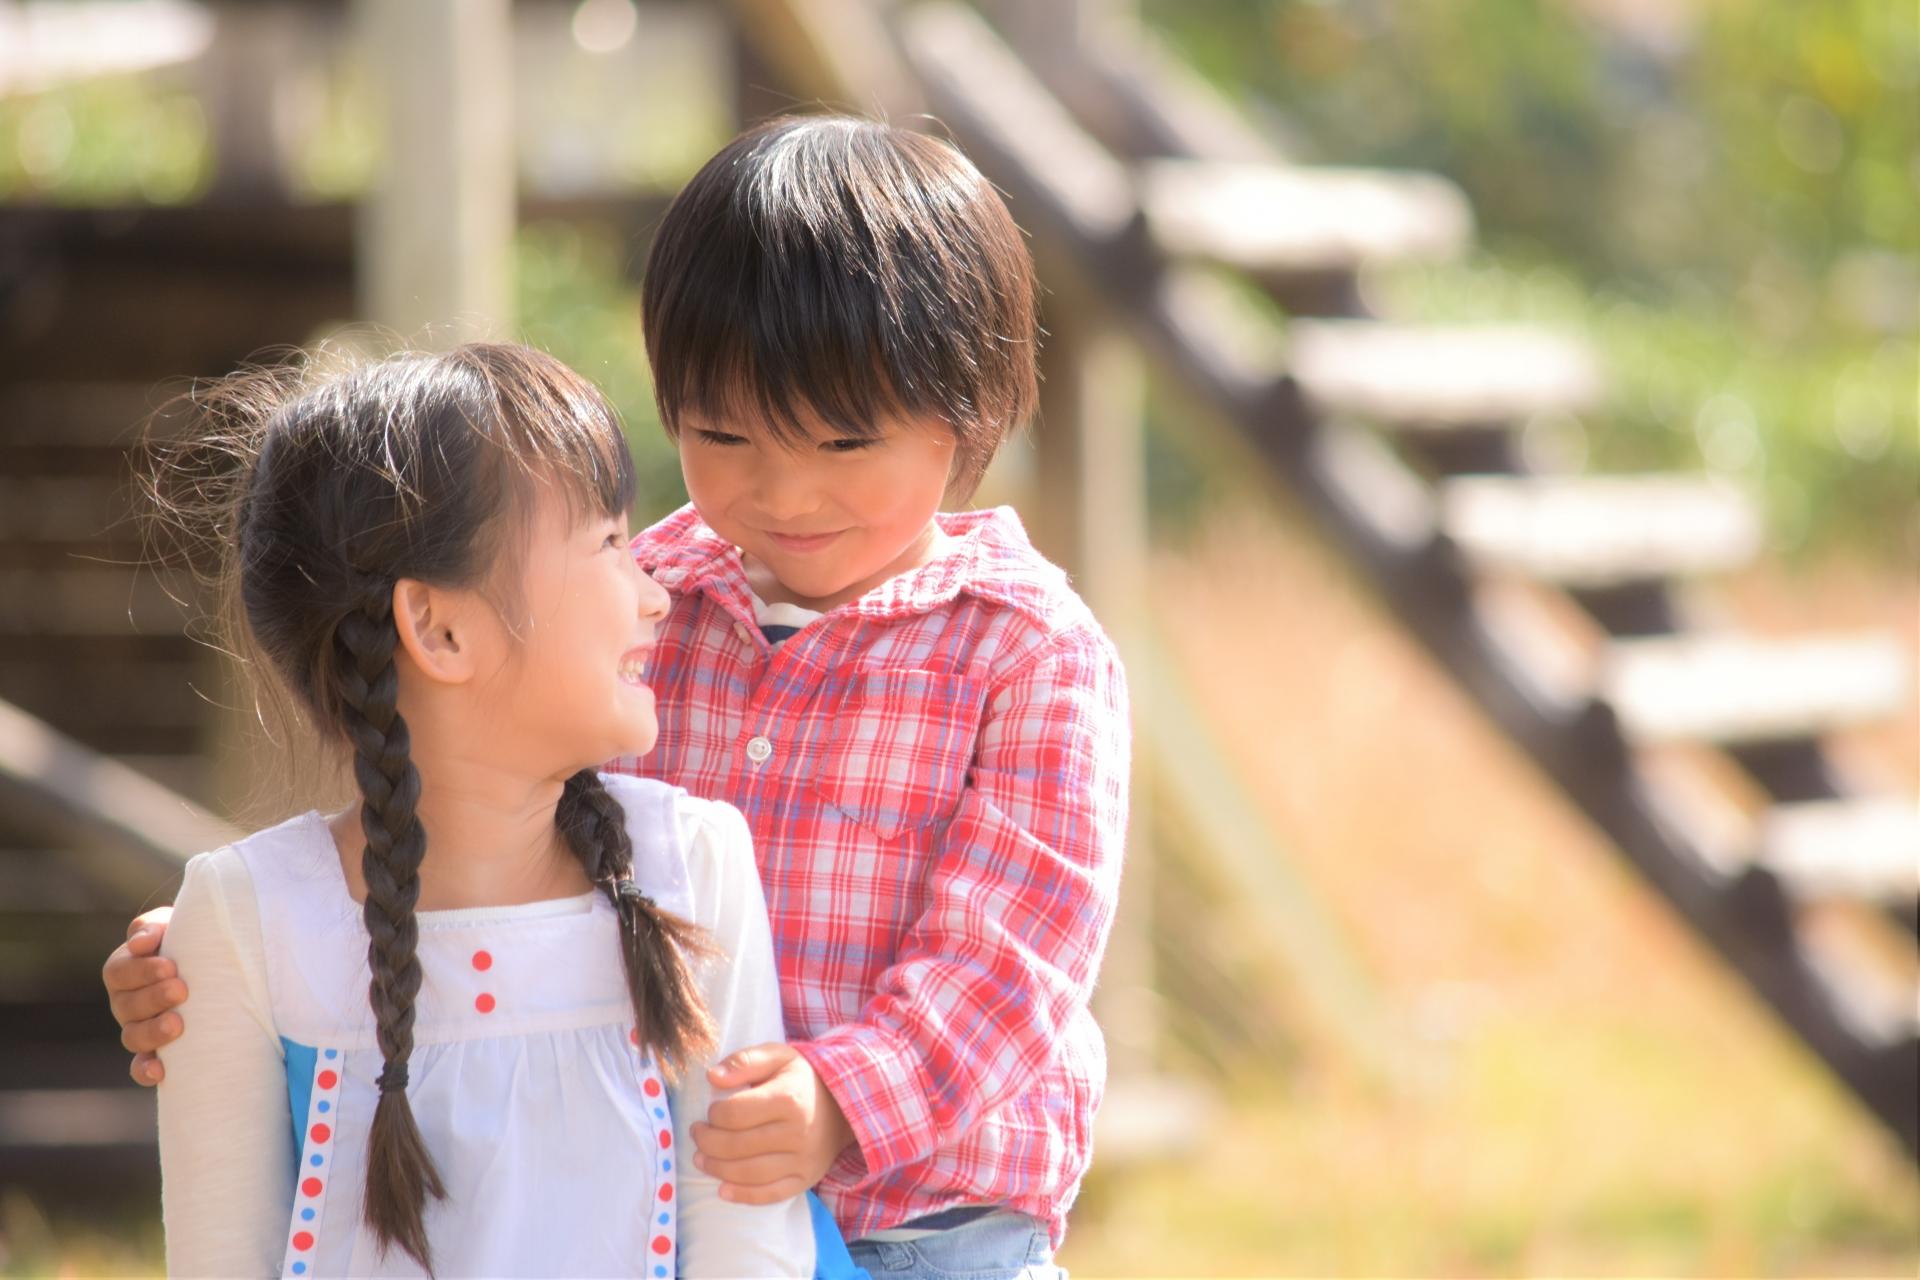 横浜の矯正歯科、ヨコハマデンタルオフィス、小児矯正について考える